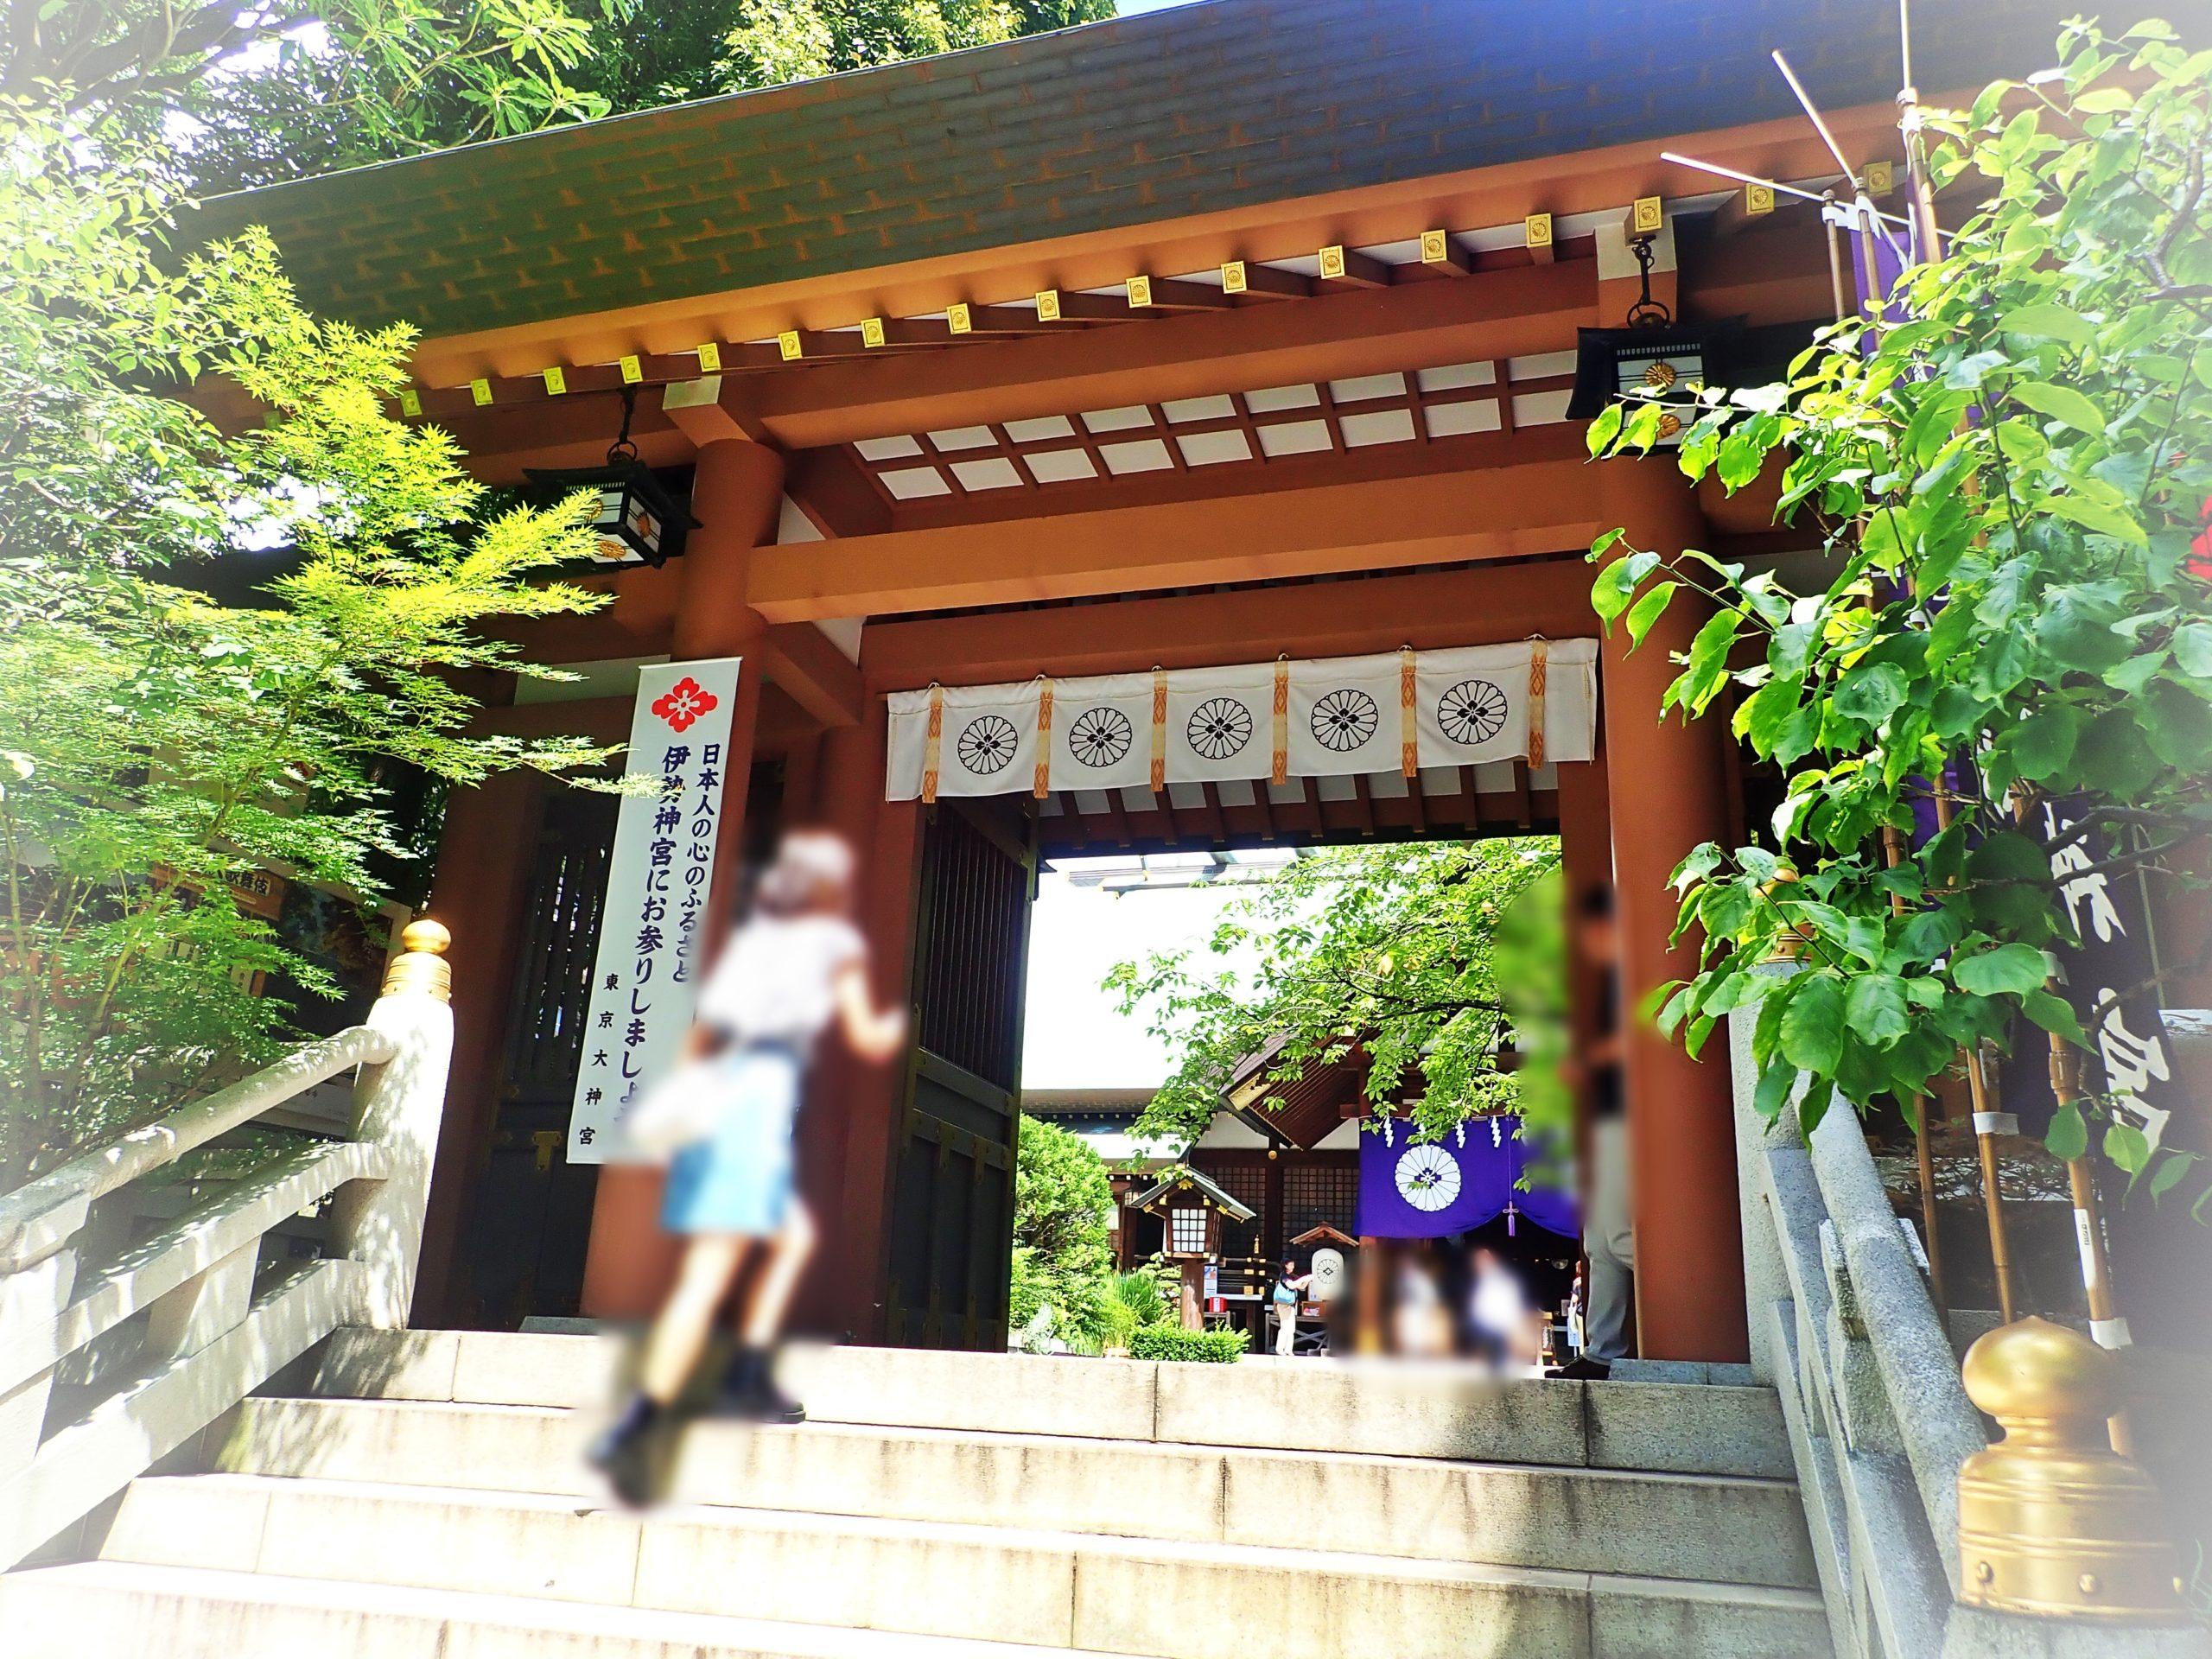 恋愛の神様で有名な東京大神宮の神門